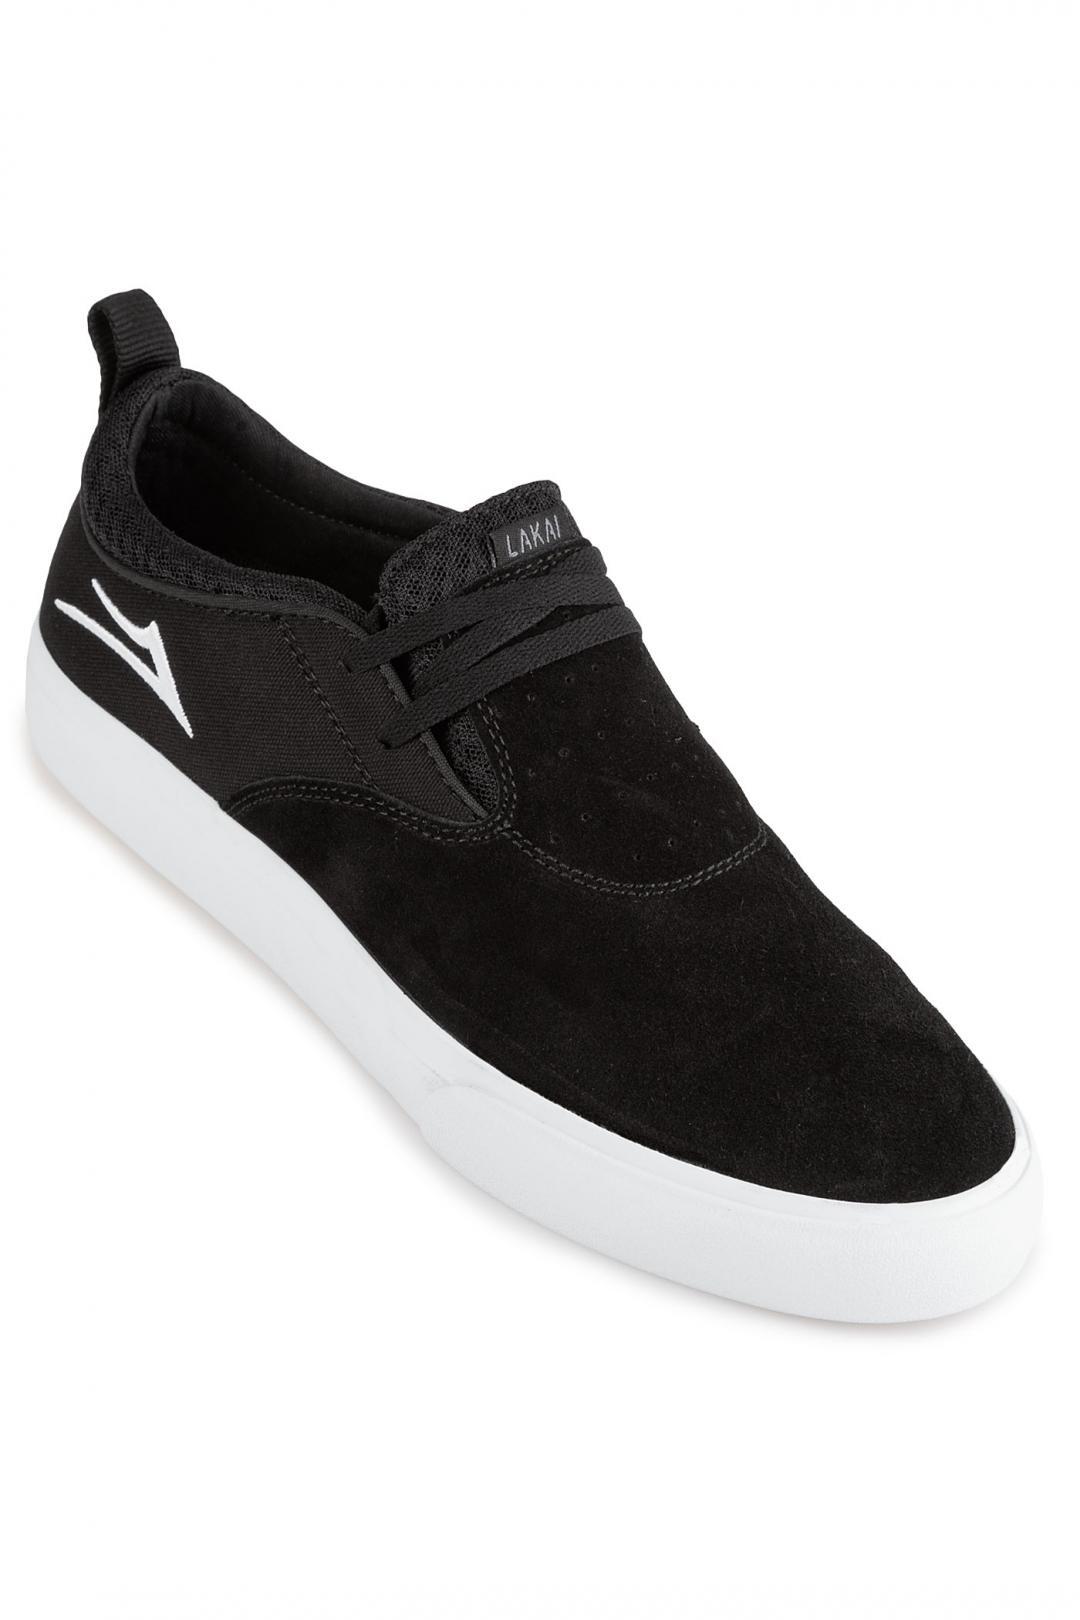 Uomo Lakai Riley Hawk 2 Suede black | Sneakers low top